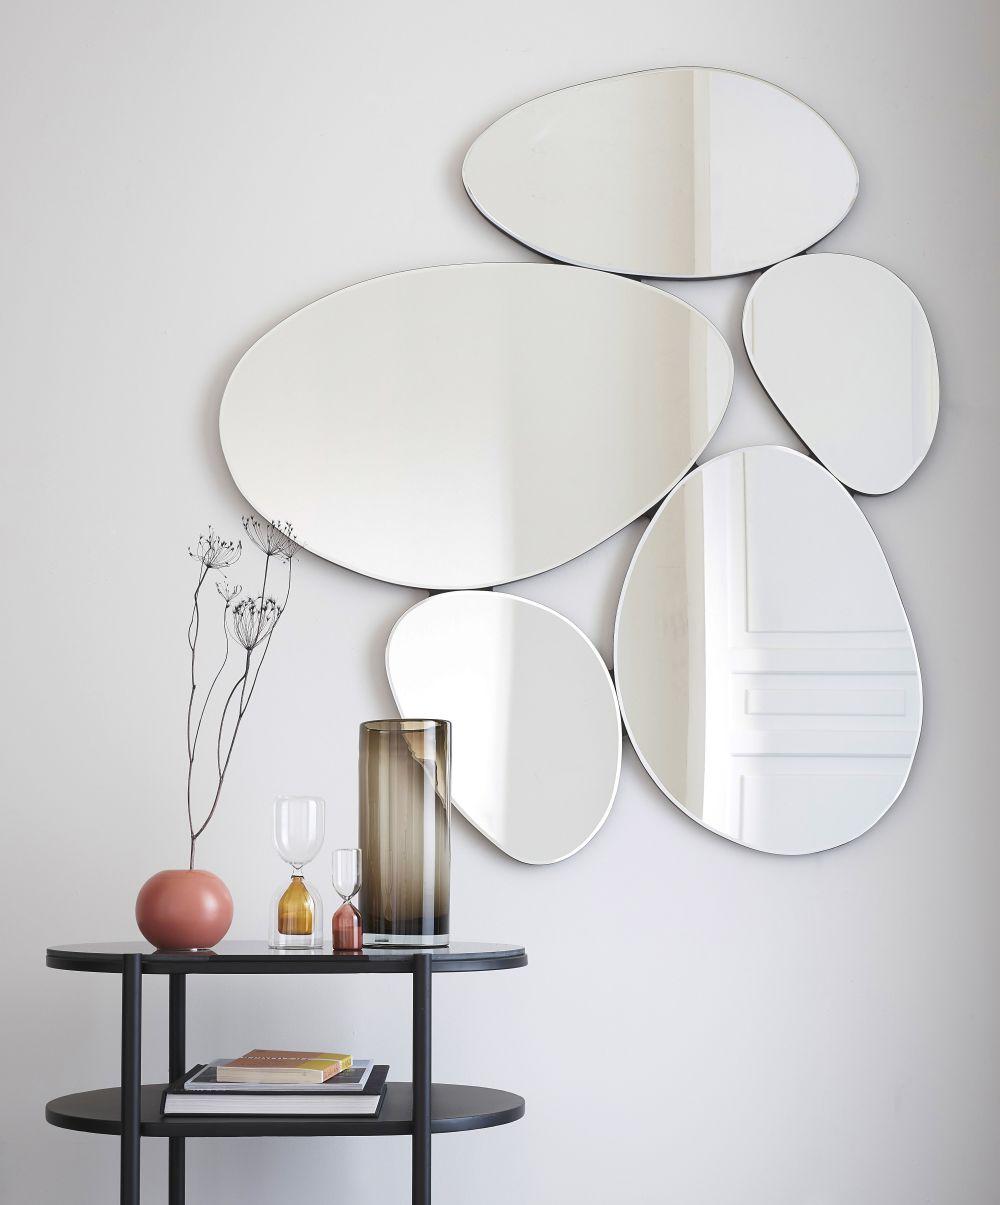 Miroirs ovoïdes 105x118